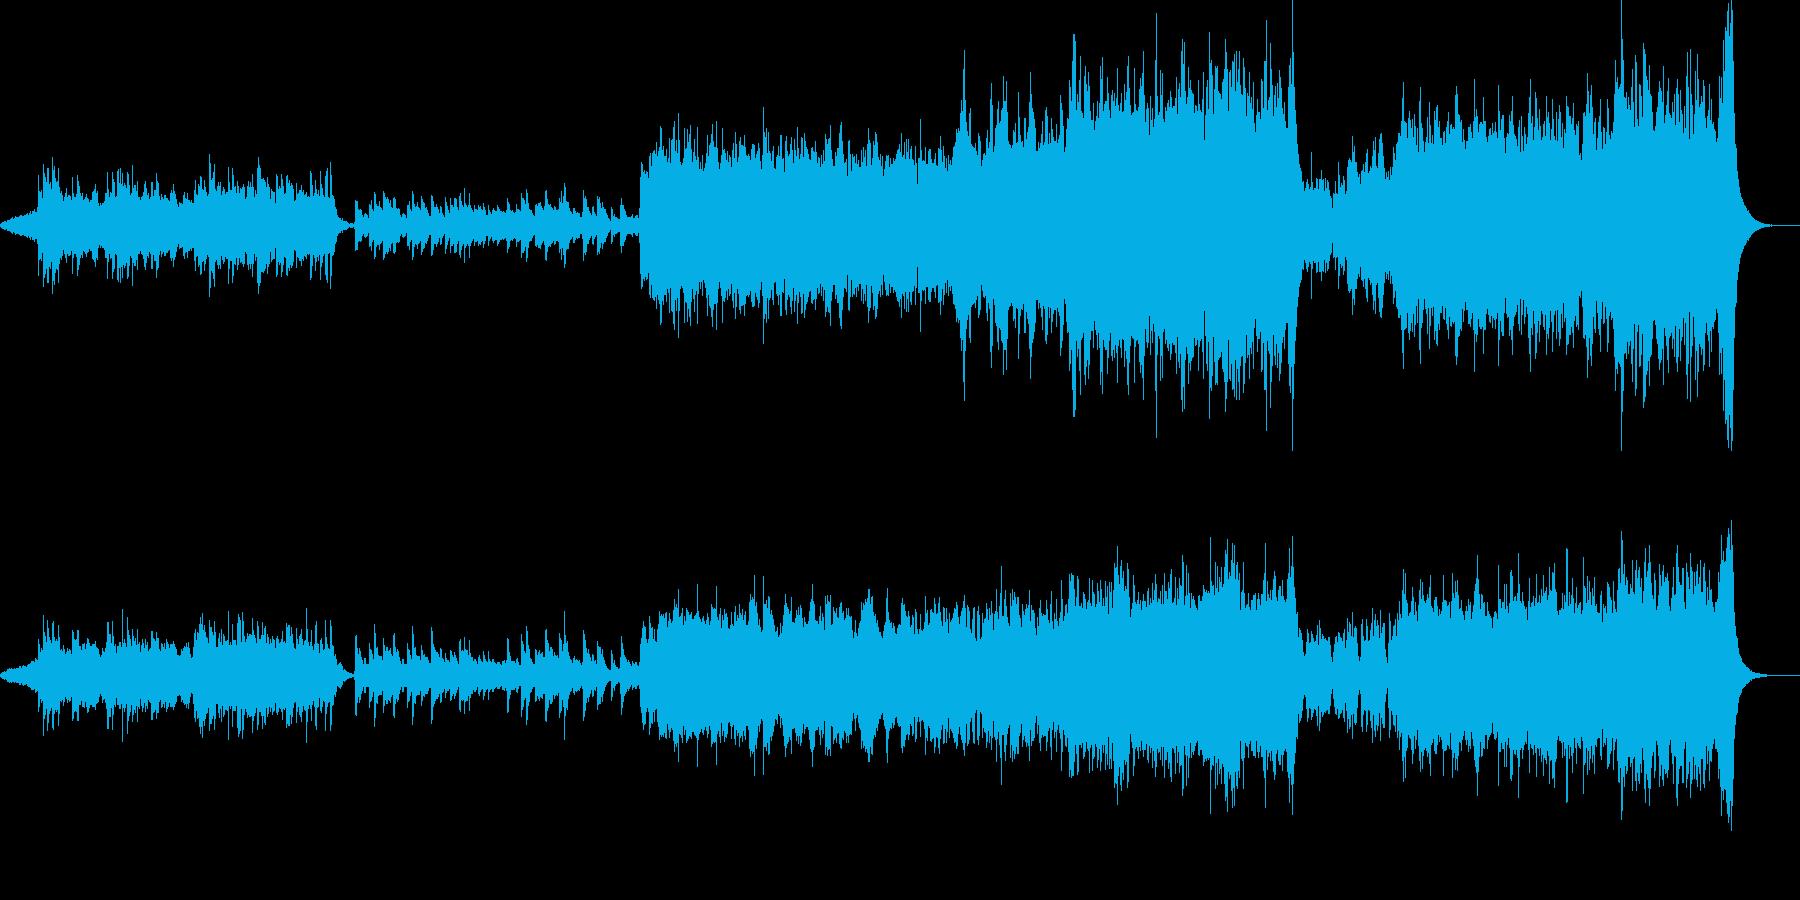 少々ダークなピアノとオーケストラの再生済みの波形